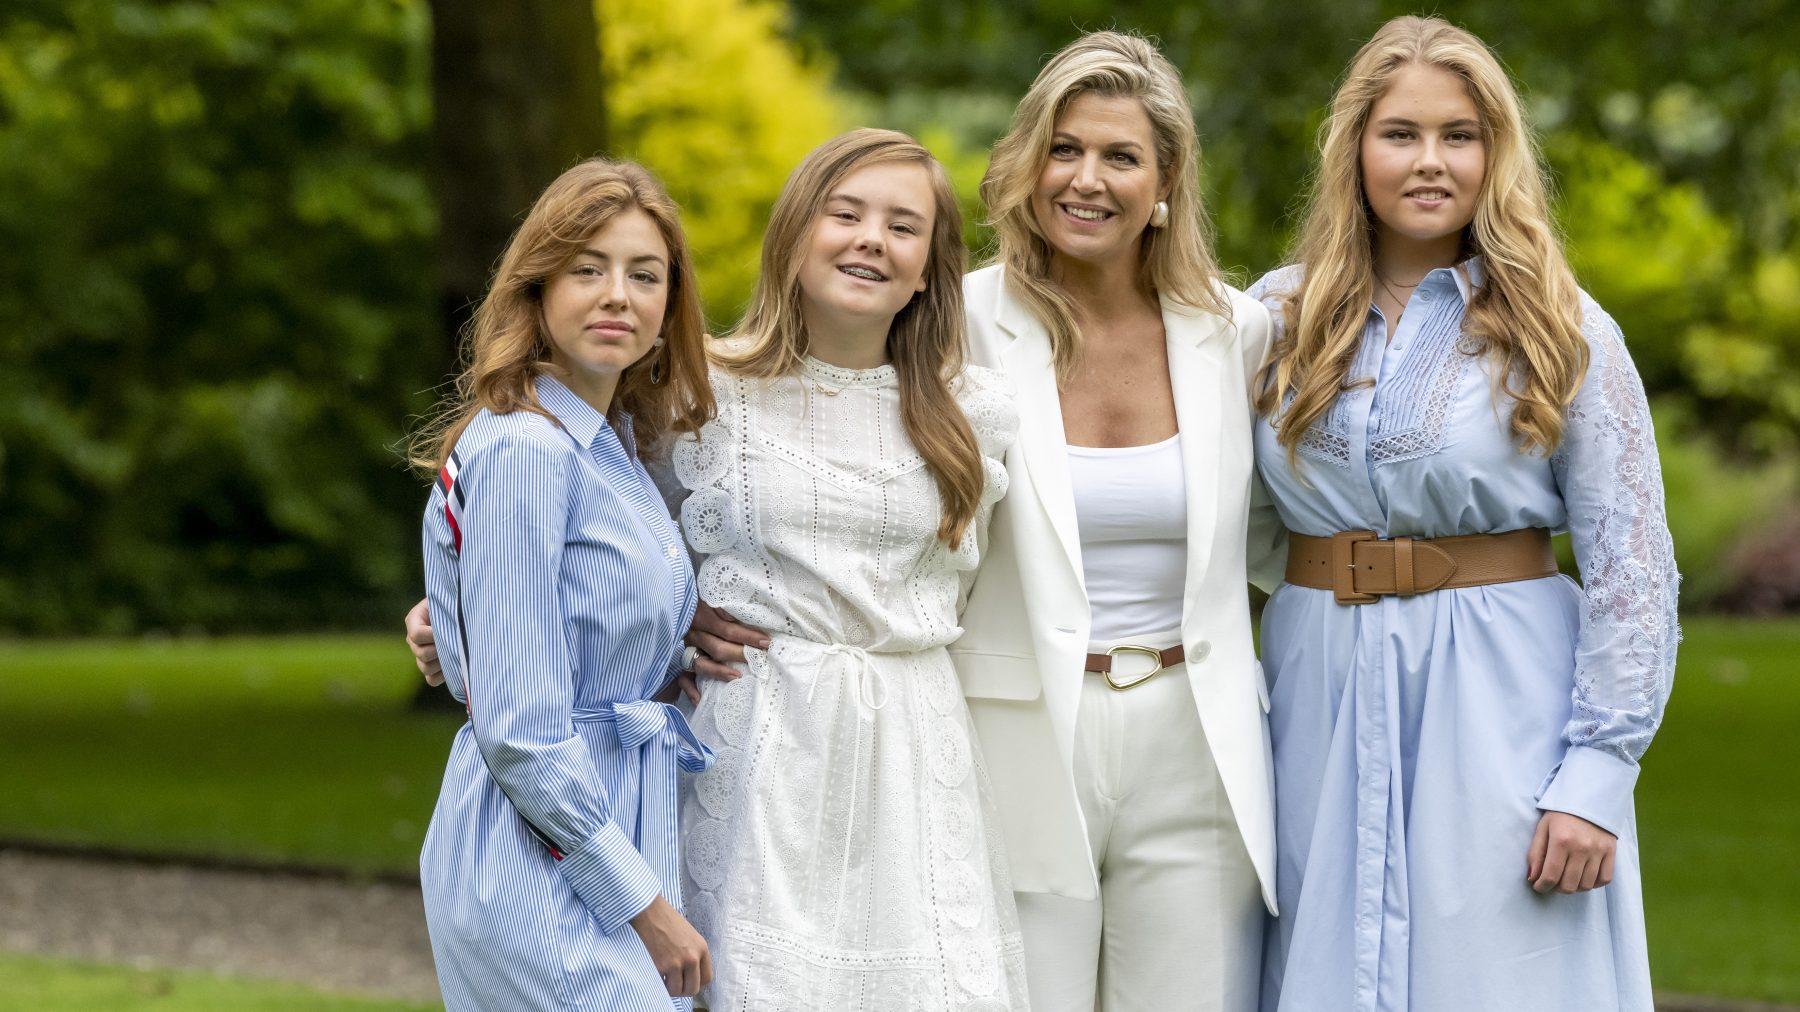 leren budgetteren maxima dochters